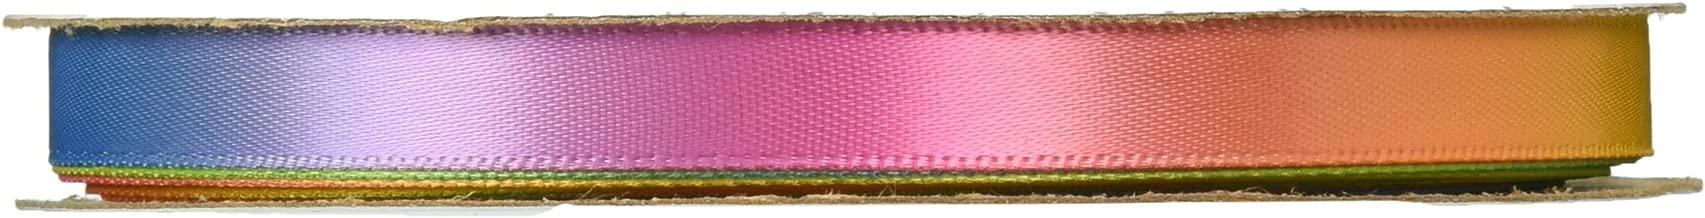 Offray 126561 Sunburst Craft Ribbon, 3/8-Inch Wide by 10-Yard Spool, Rainbow